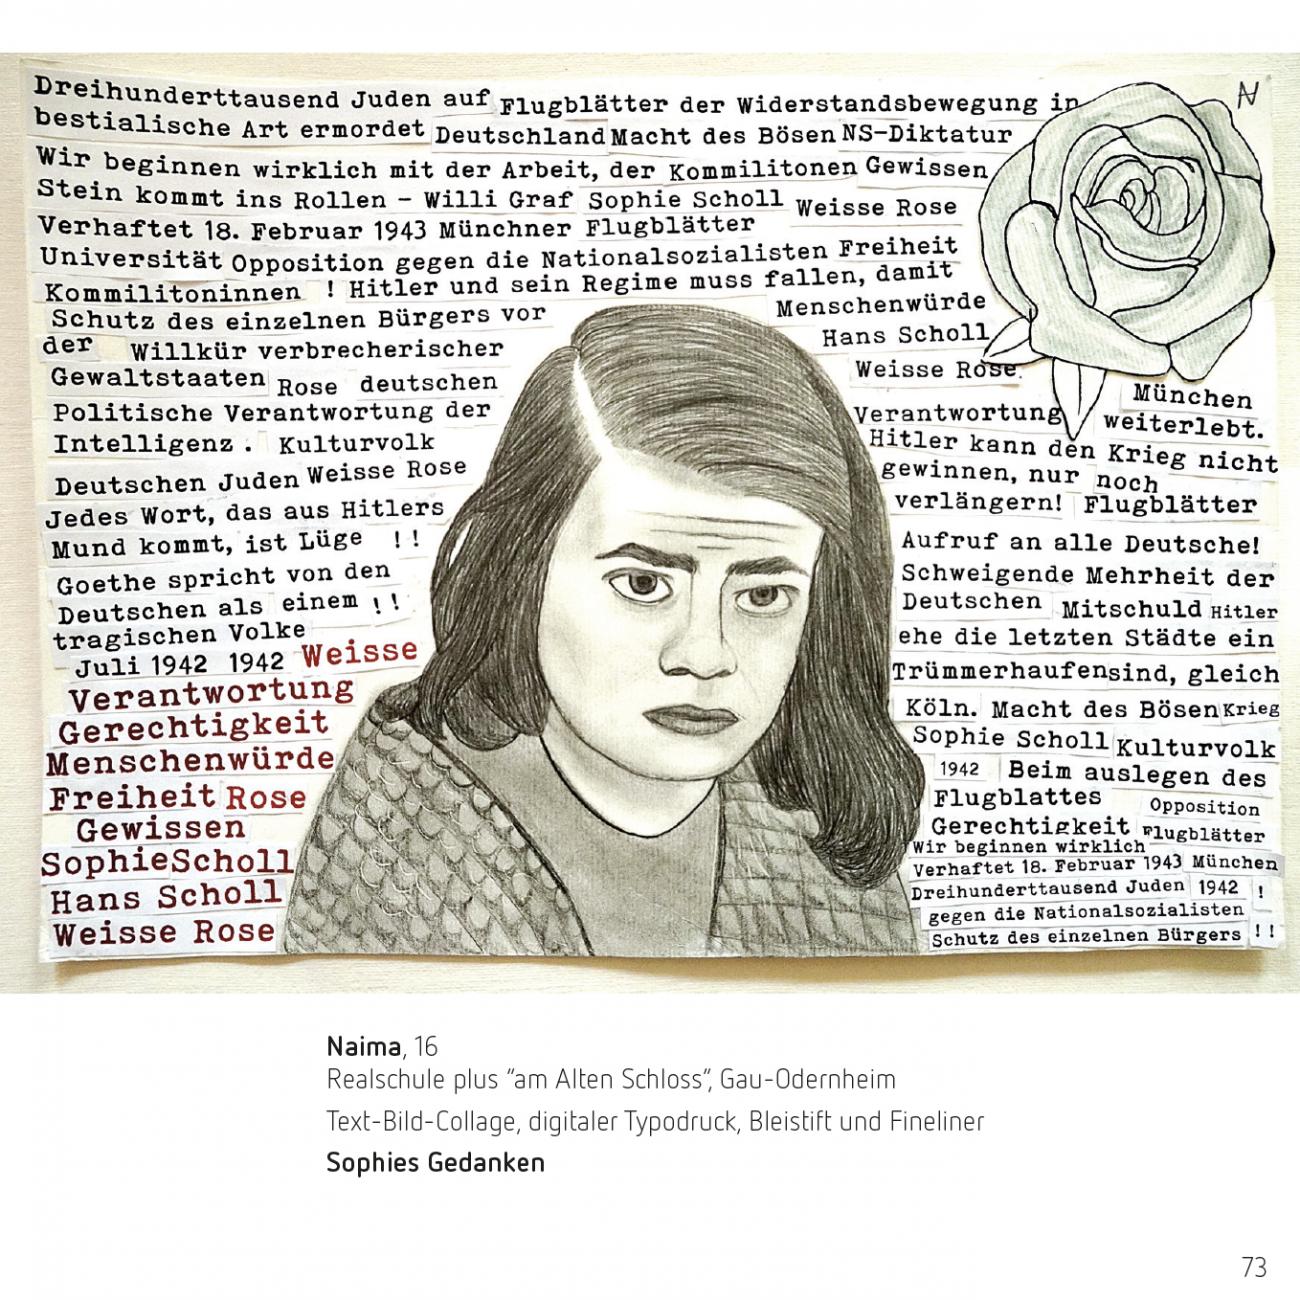 kunstkulturlabor Tobias Boos, Mitmach-Projekt zum 100. Geburtstag von Sophie Scholl Naima